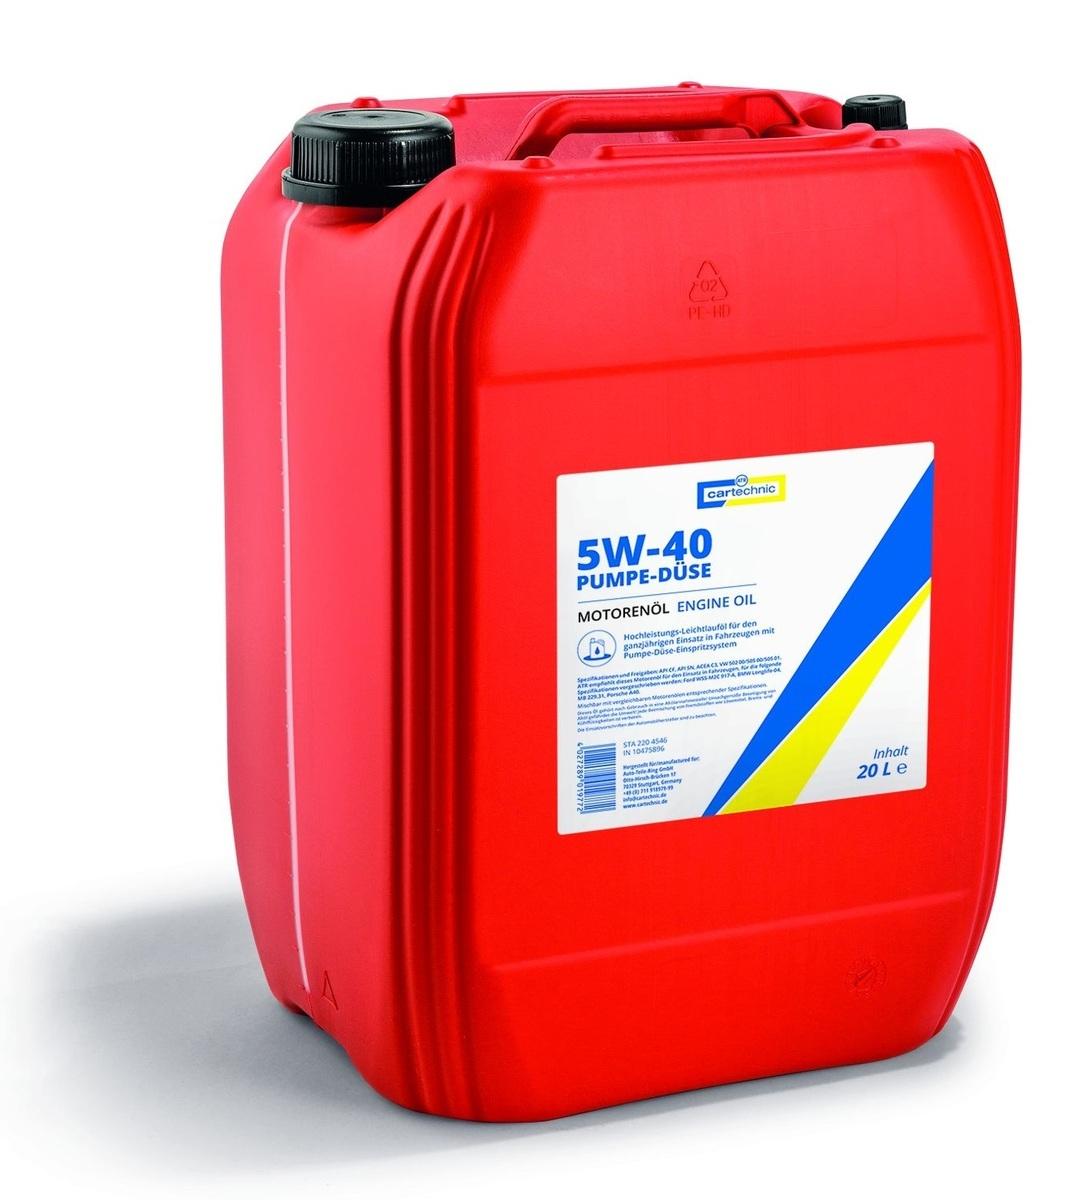 Motorový olej 5W-40 Pumpe-Düse, 20 litrů -  Cartechnic